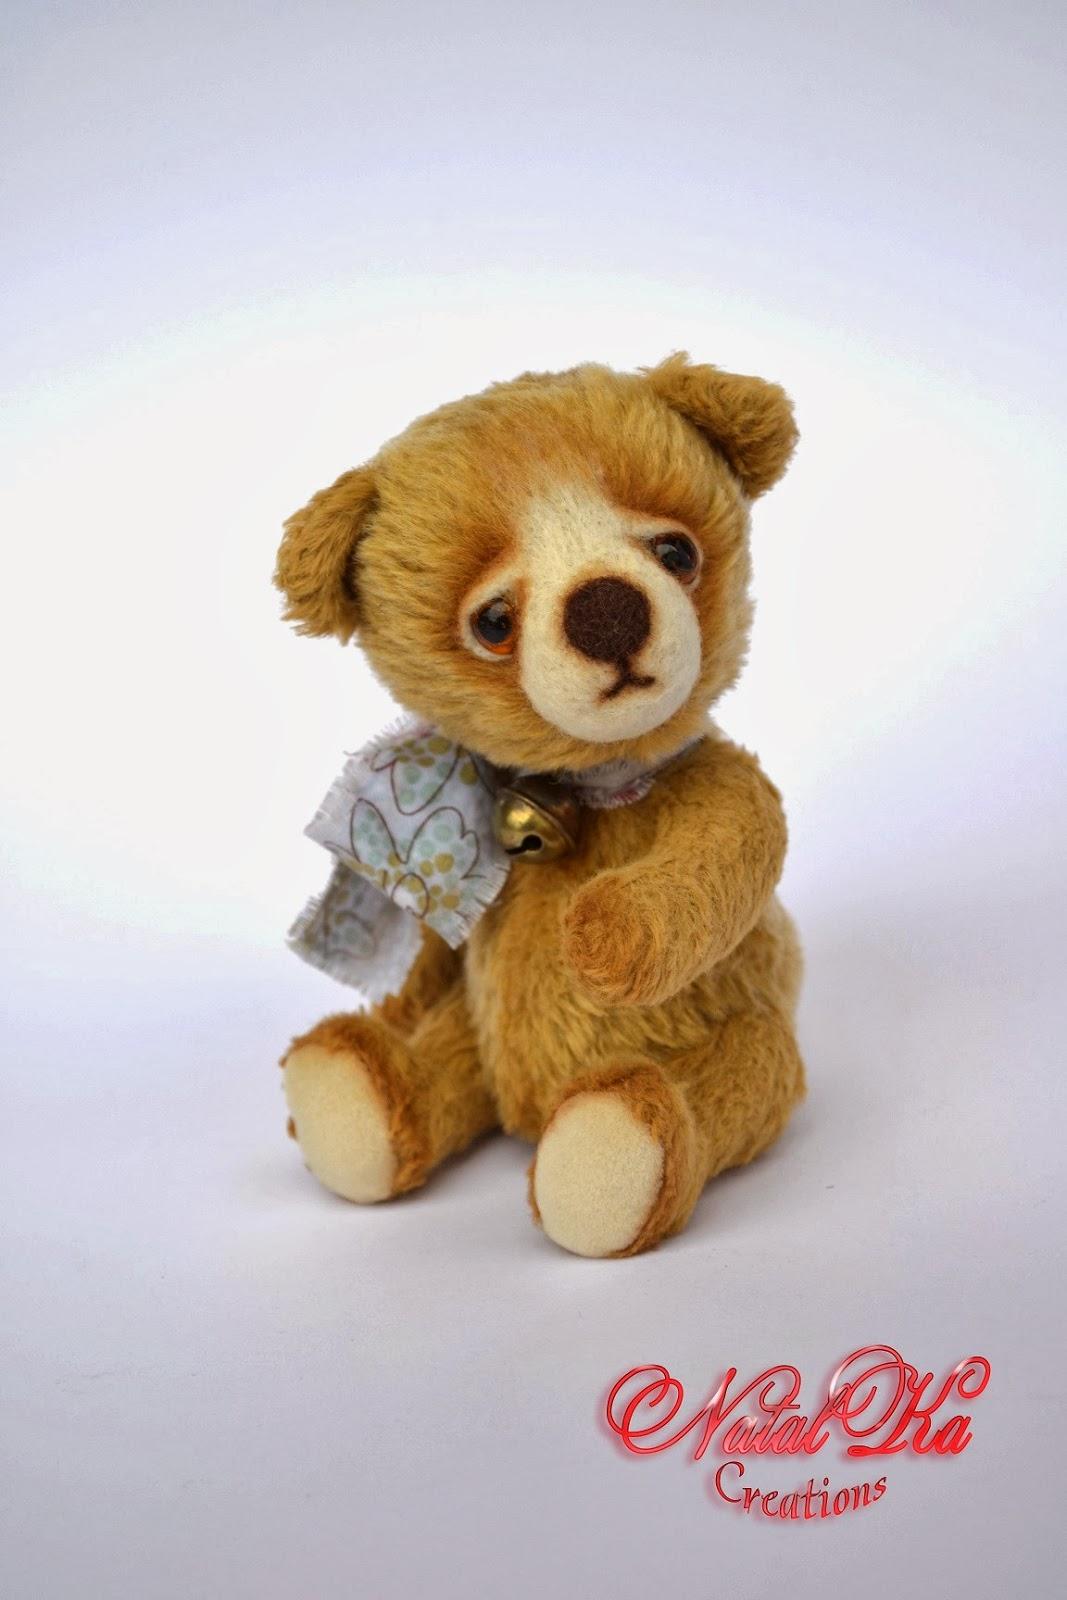 Artist teddy bear handmade by NatalKa Creations. Künstler Teddy Bär handgemact von NatalKa Creations.